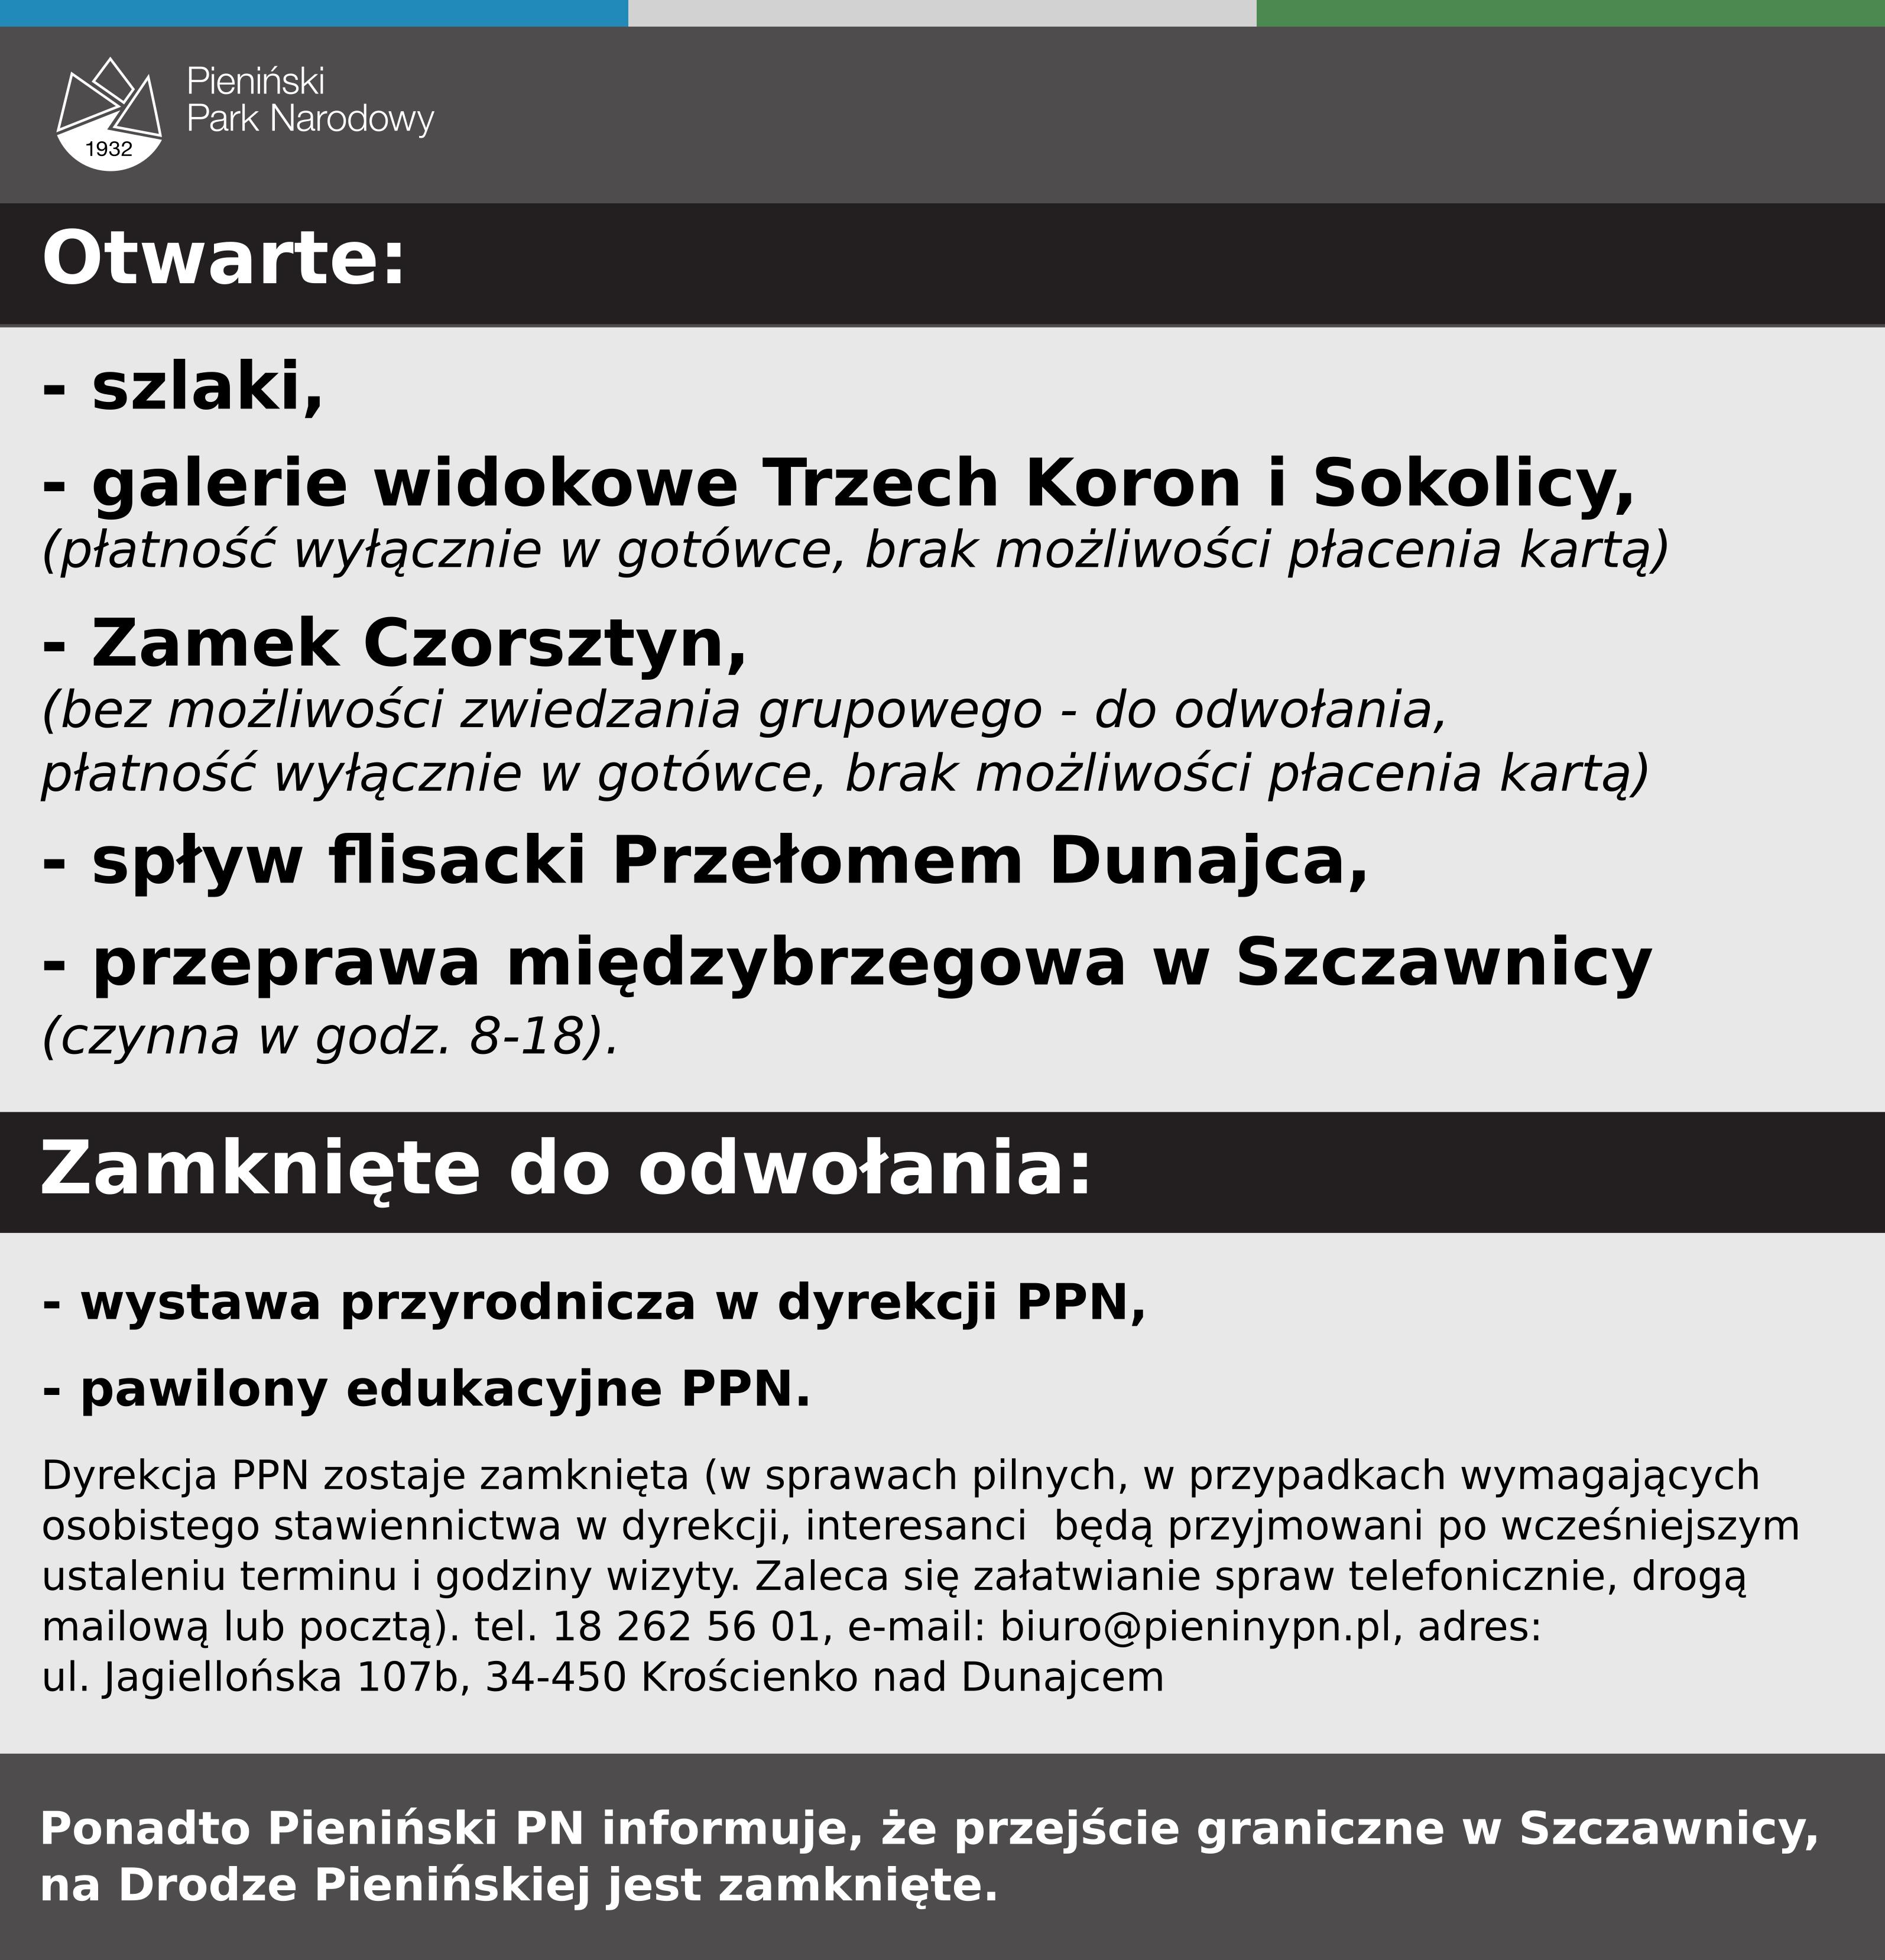 Informacja o zasadach udostępniania PPN